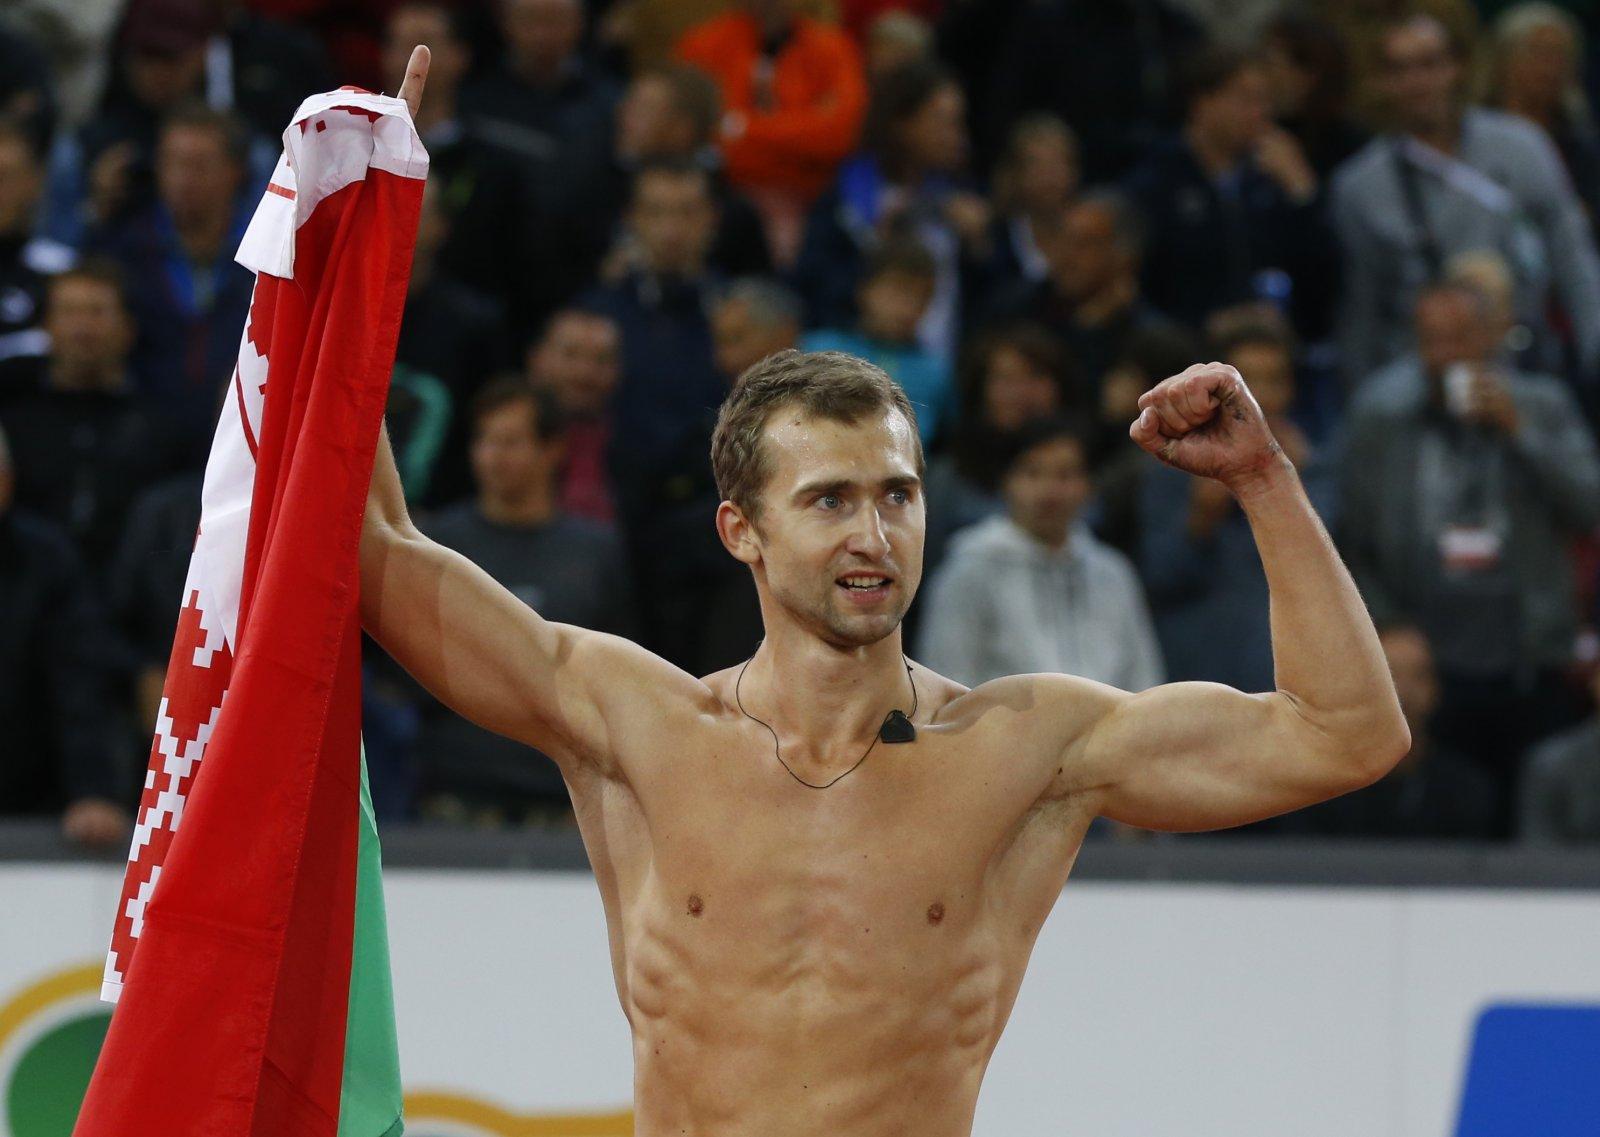 Eesti mitmevõistlejate konkurendi karm saatus Valgevenes:  koondisest väljaheitmine, hundipass KGB-st ja vägivaldne arreteerimine